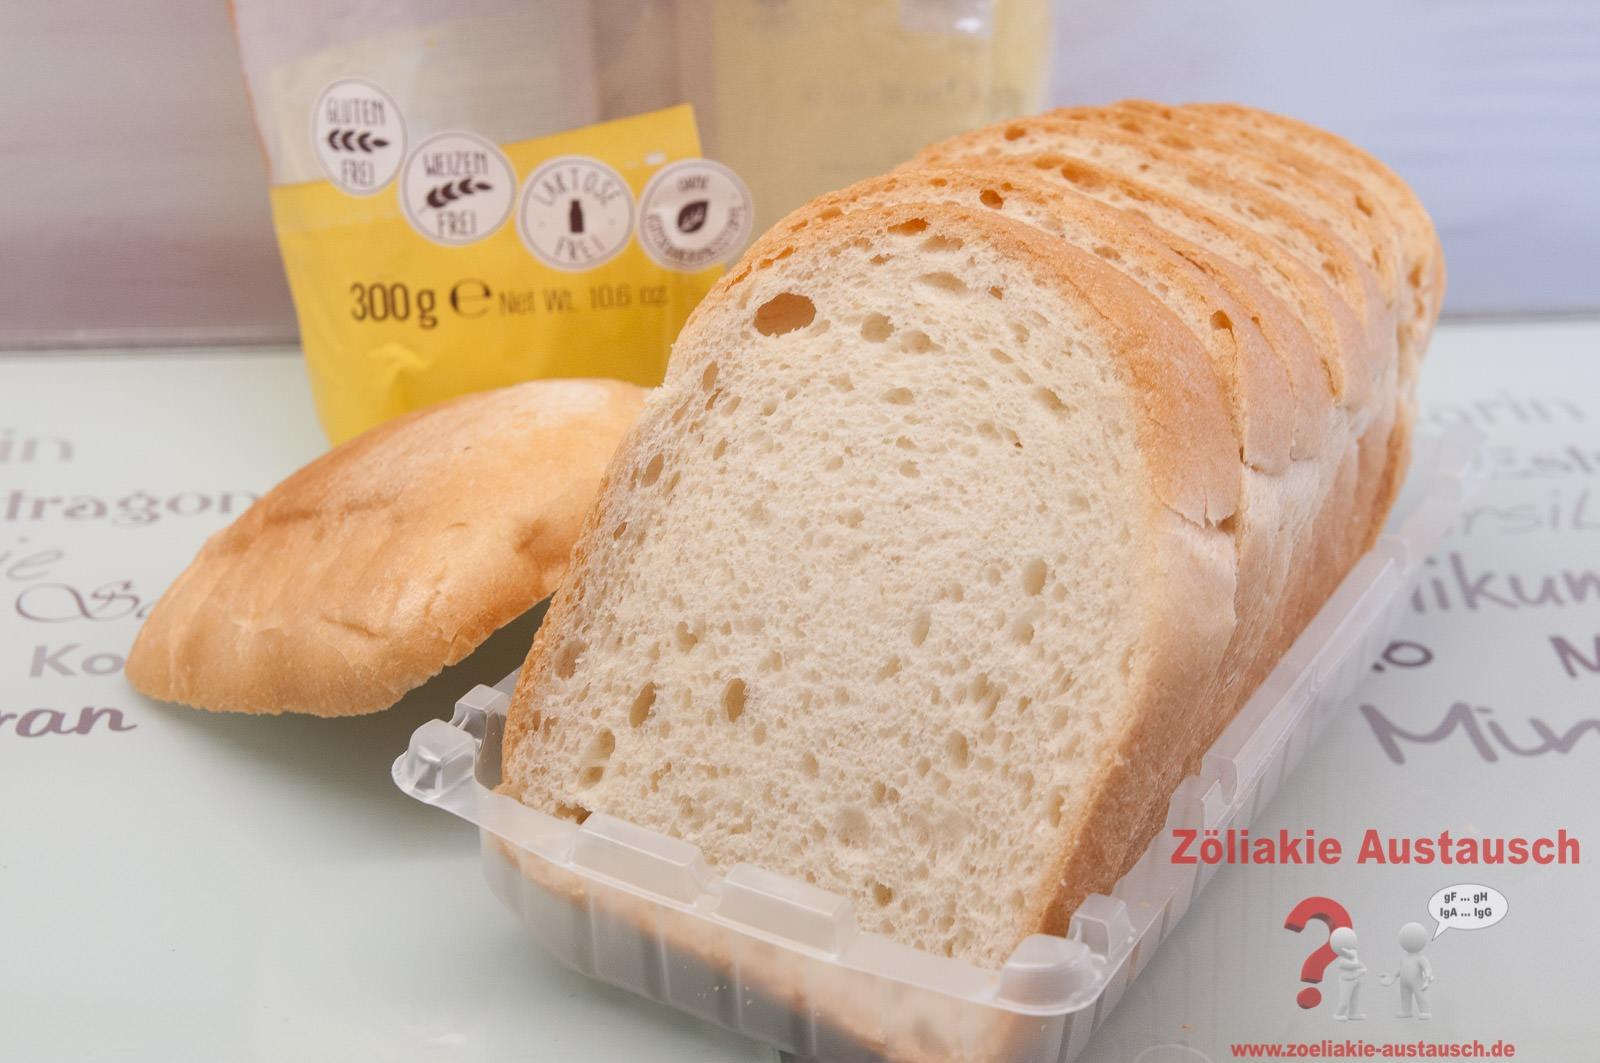 Zoeliakie_Austausch_Schaer_20170211-025